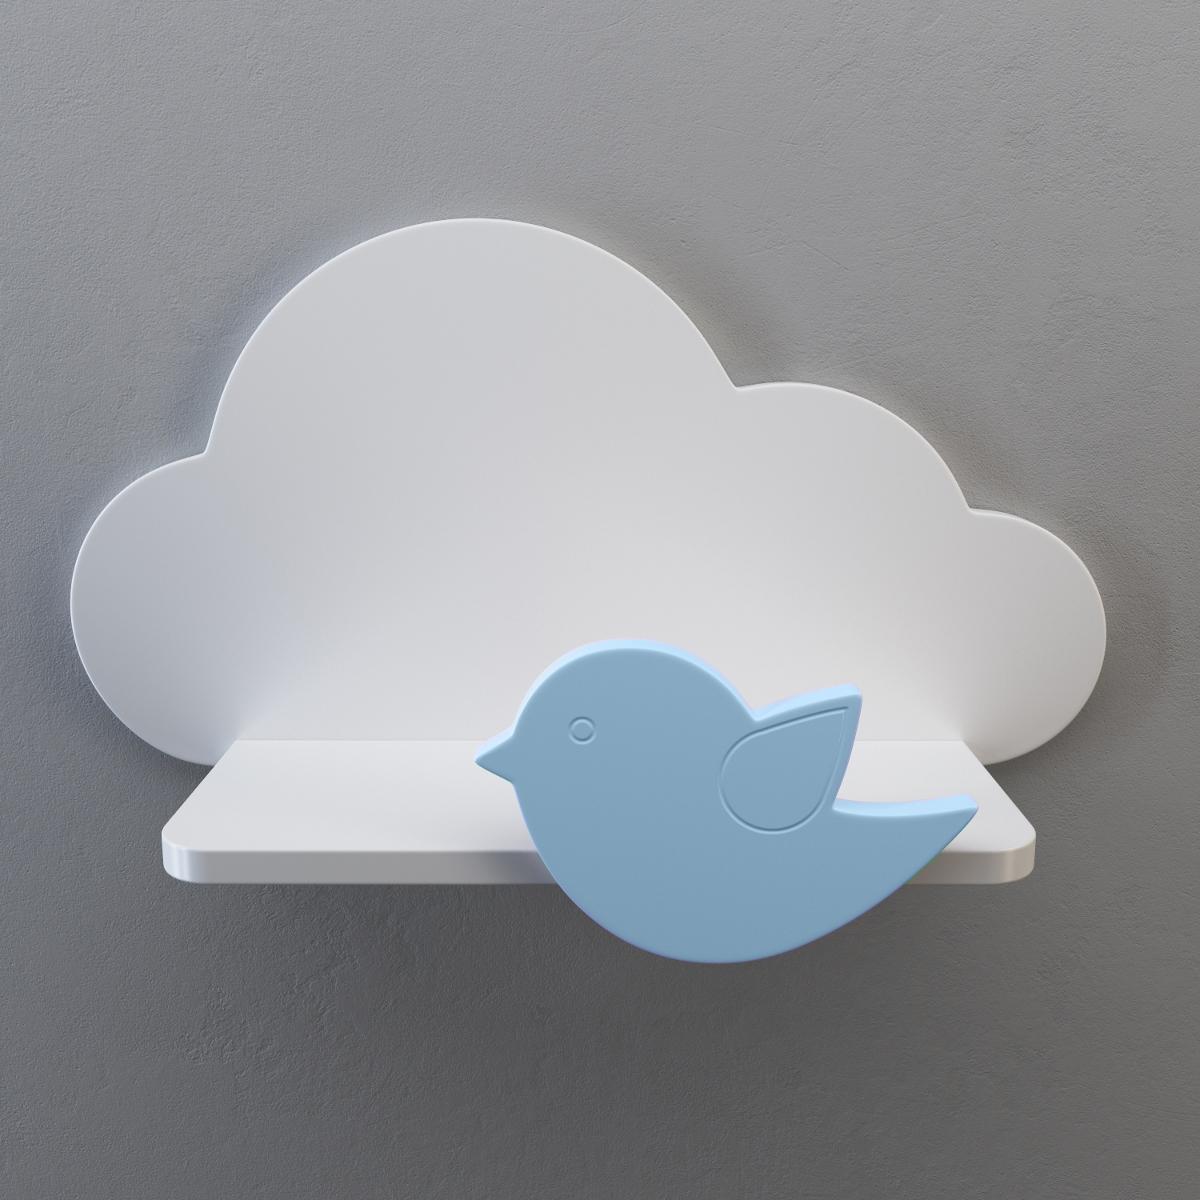 Wandregal kinderzimmer aus holz wolke vogel - Wandregal wolke ...